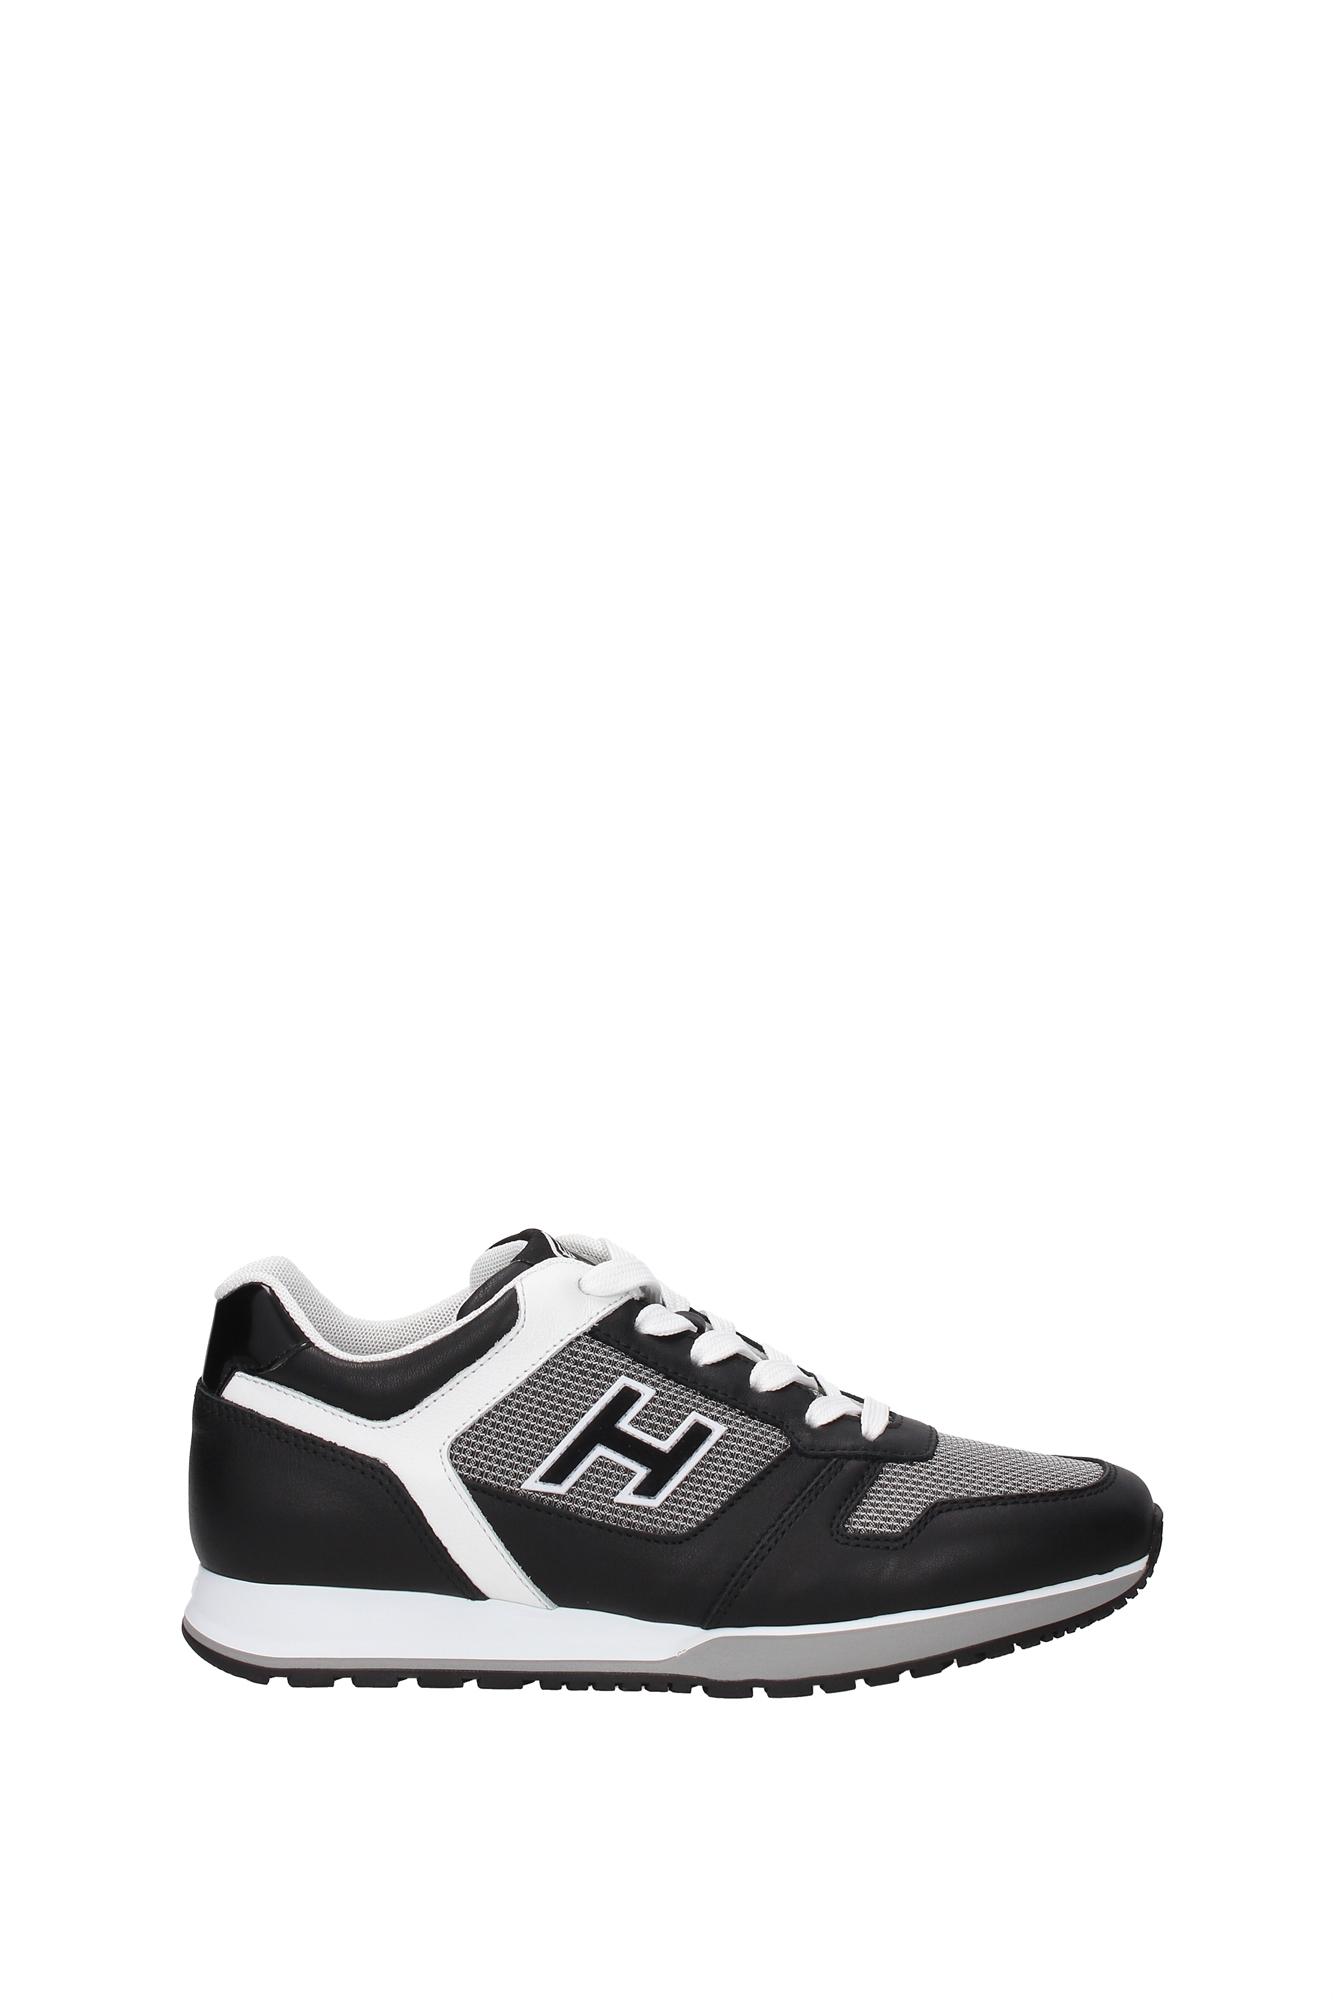 Sneakers (HXM3210Y110GBX0002) Hogan Herren - Leder (HXM3210Y110GBX0002) Sneakers 75d28b